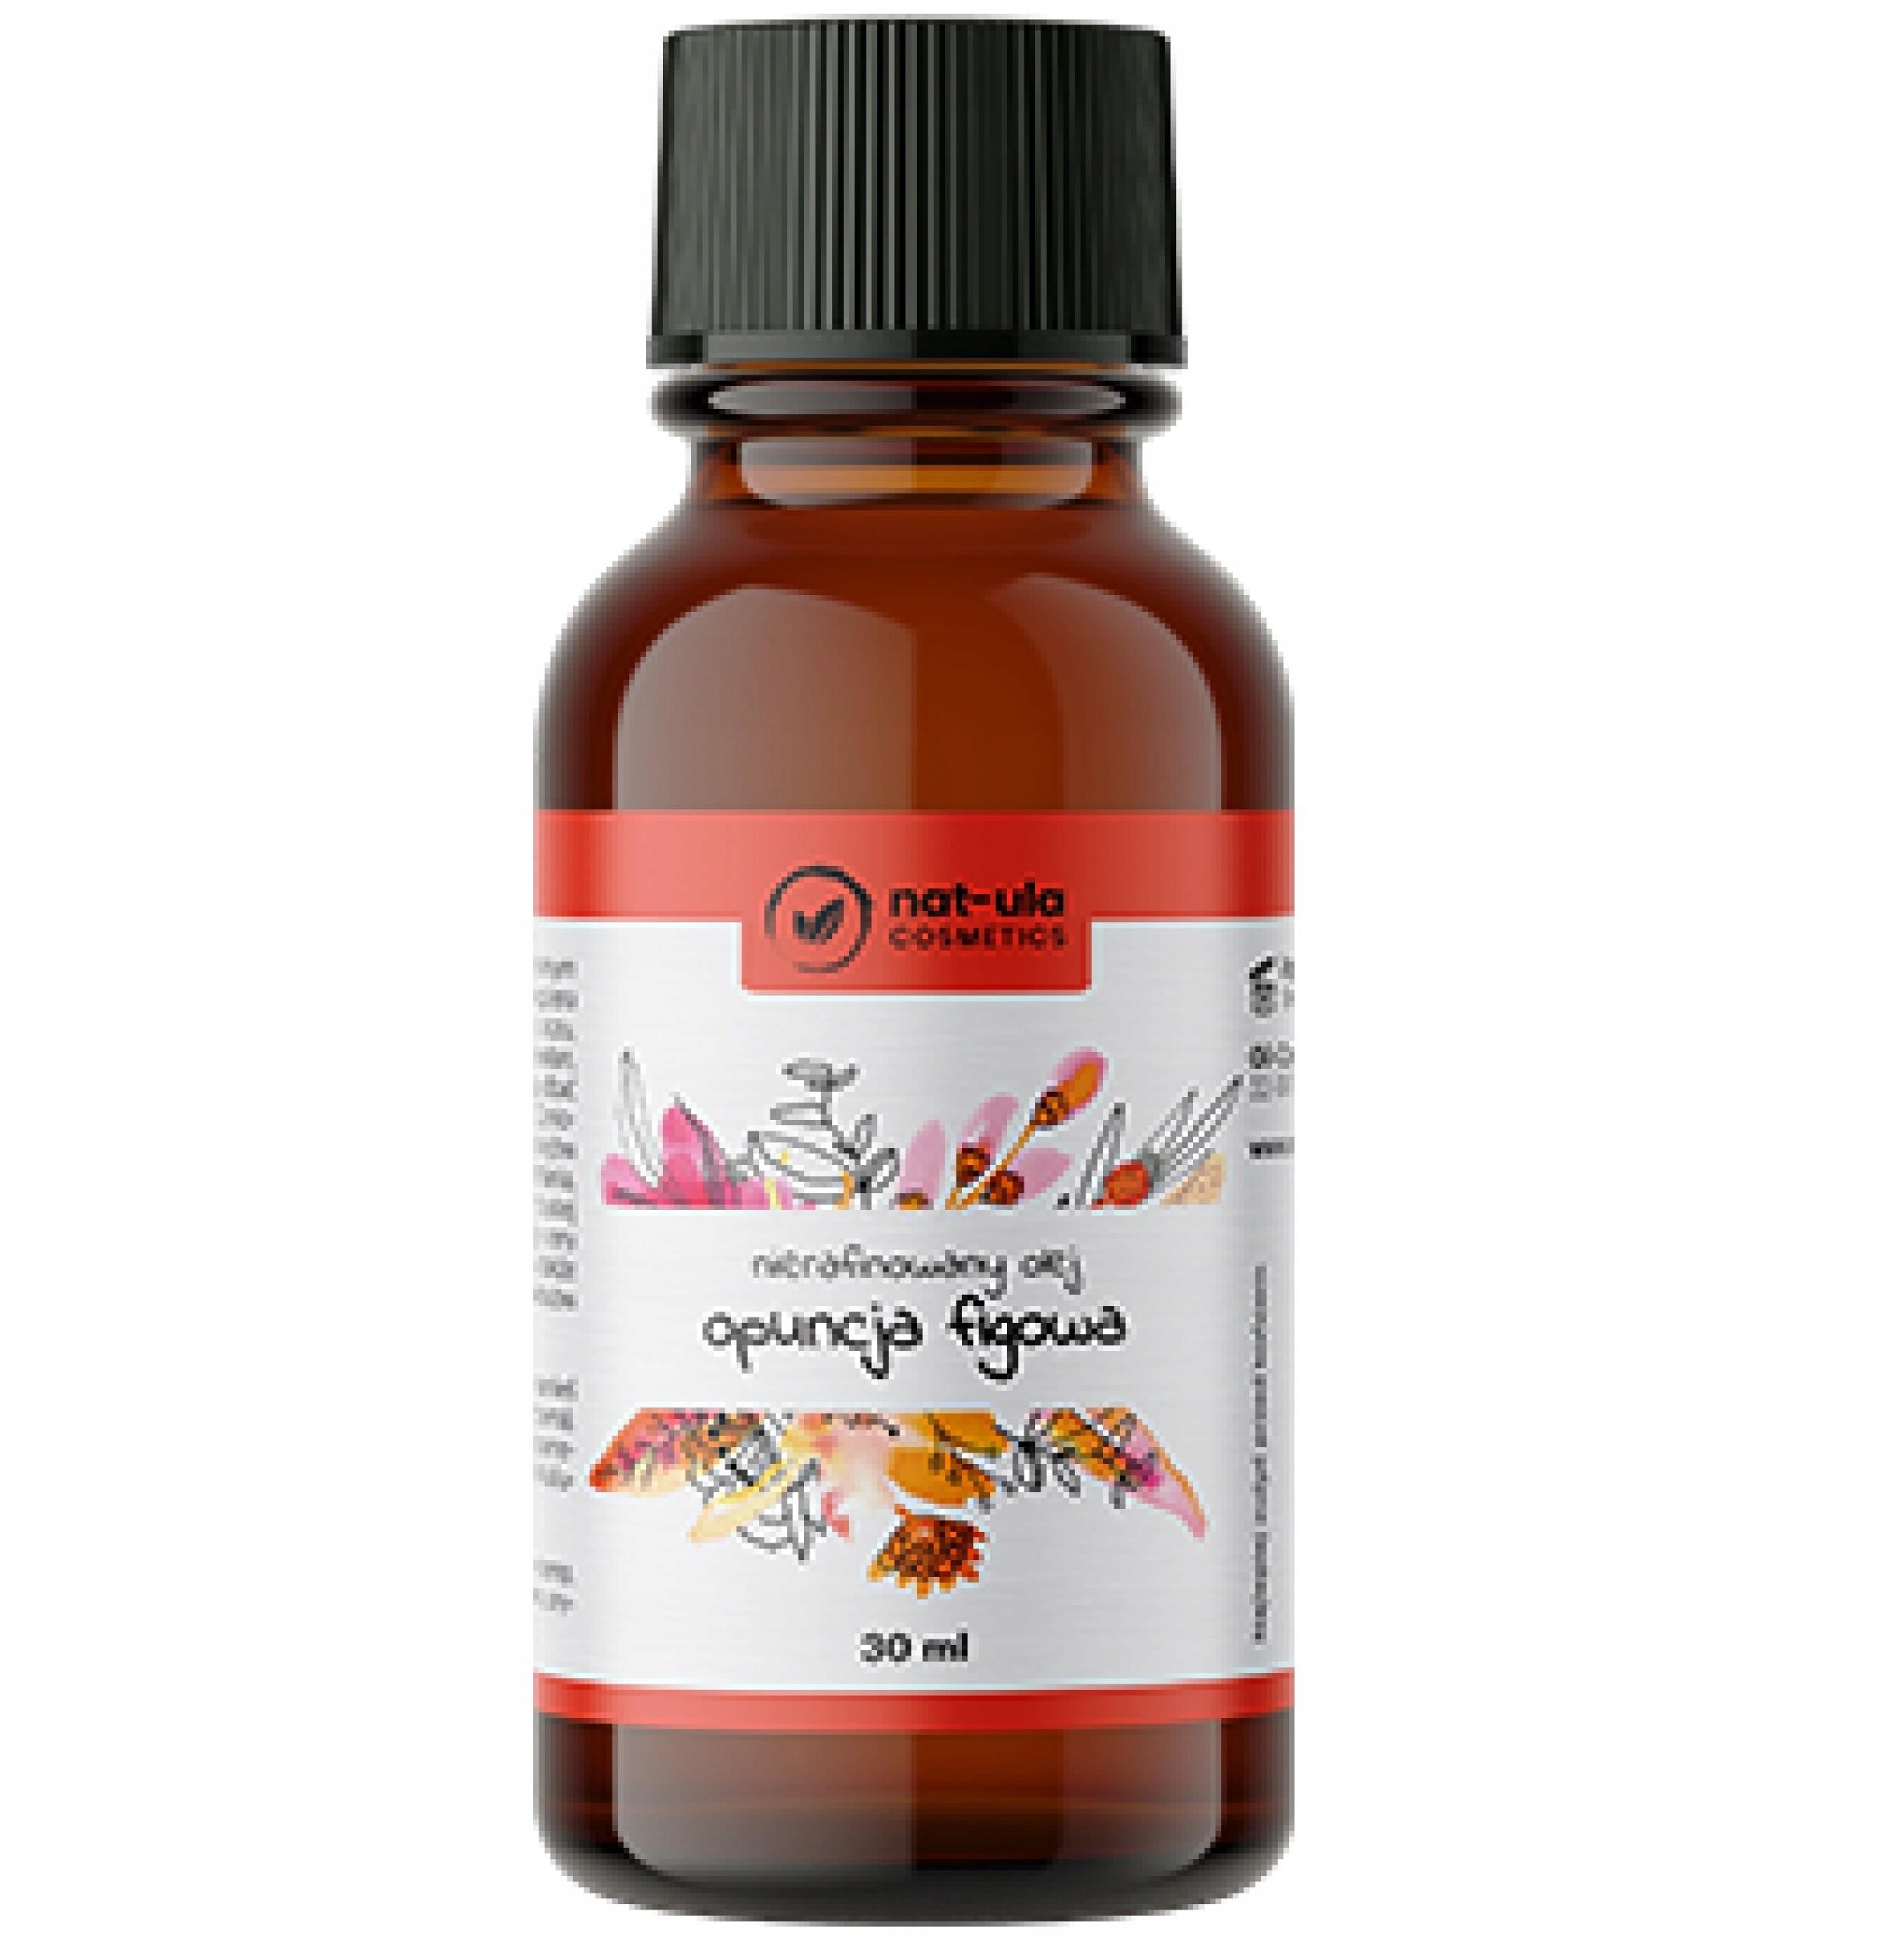 Olejek z opuncji figowej nierafinowany 30ml Gratis